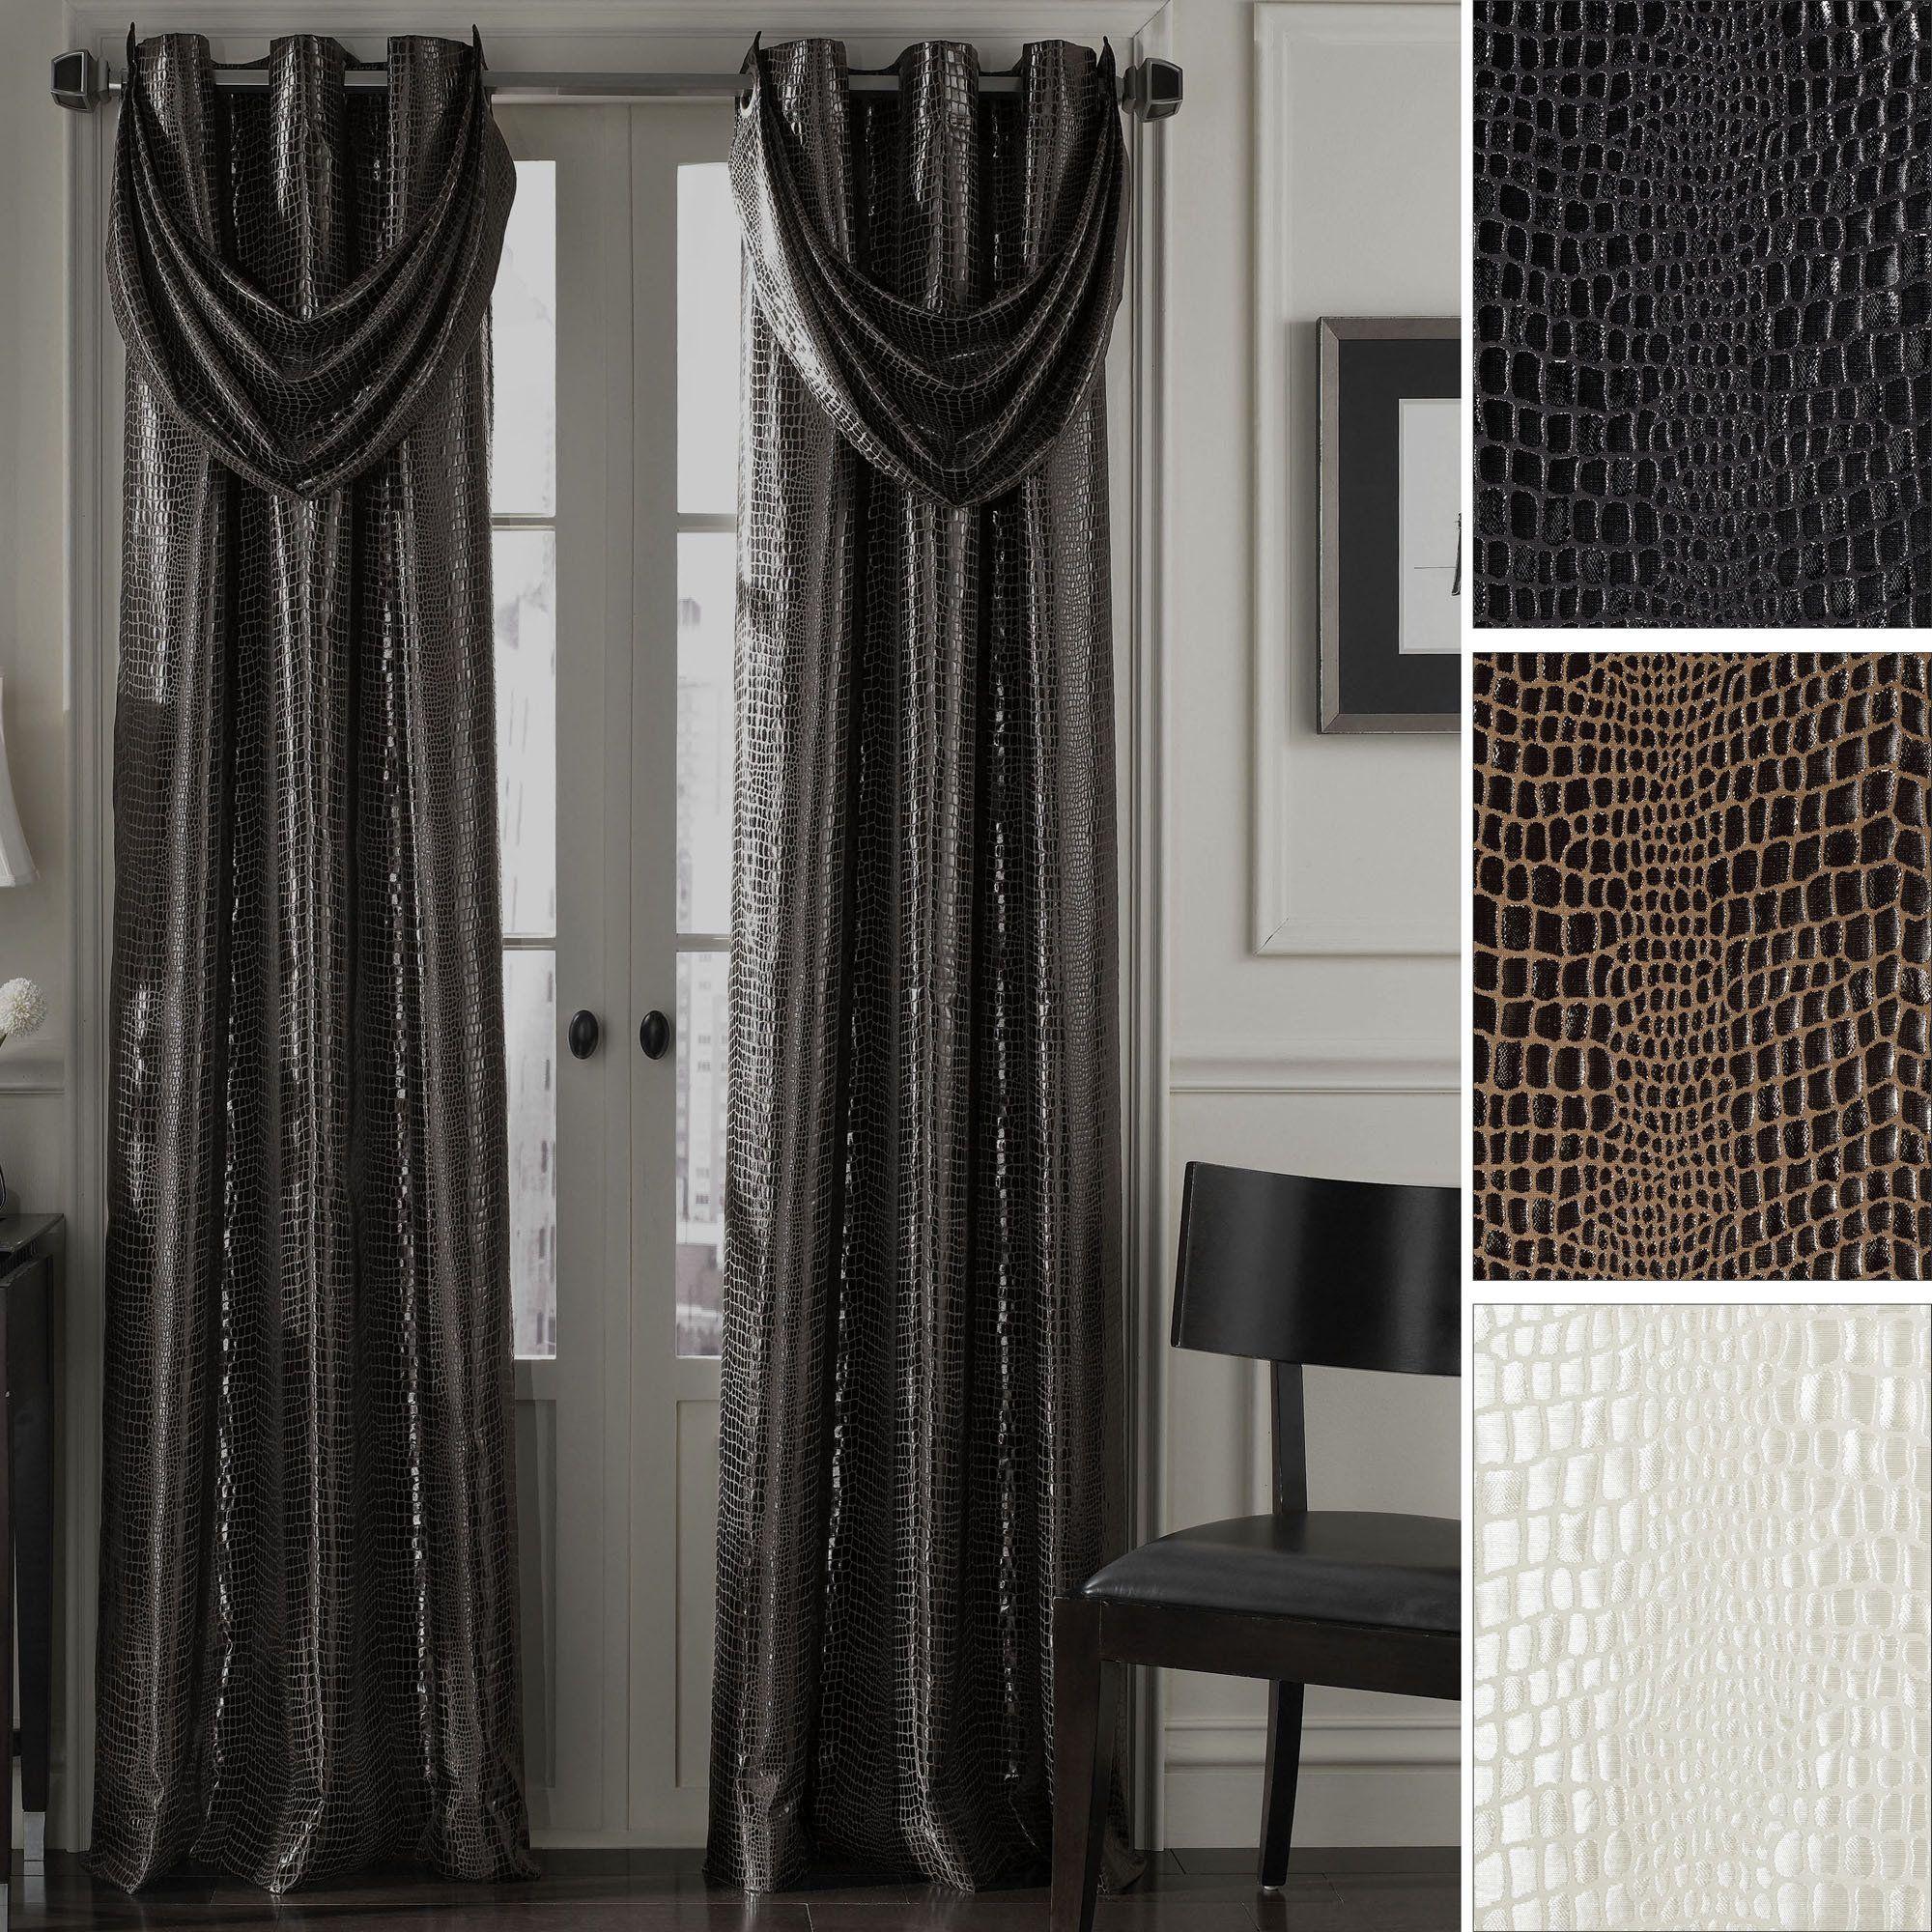 york linen curtains yerwat home curtain depot queen com fabric bead j shower new ikea